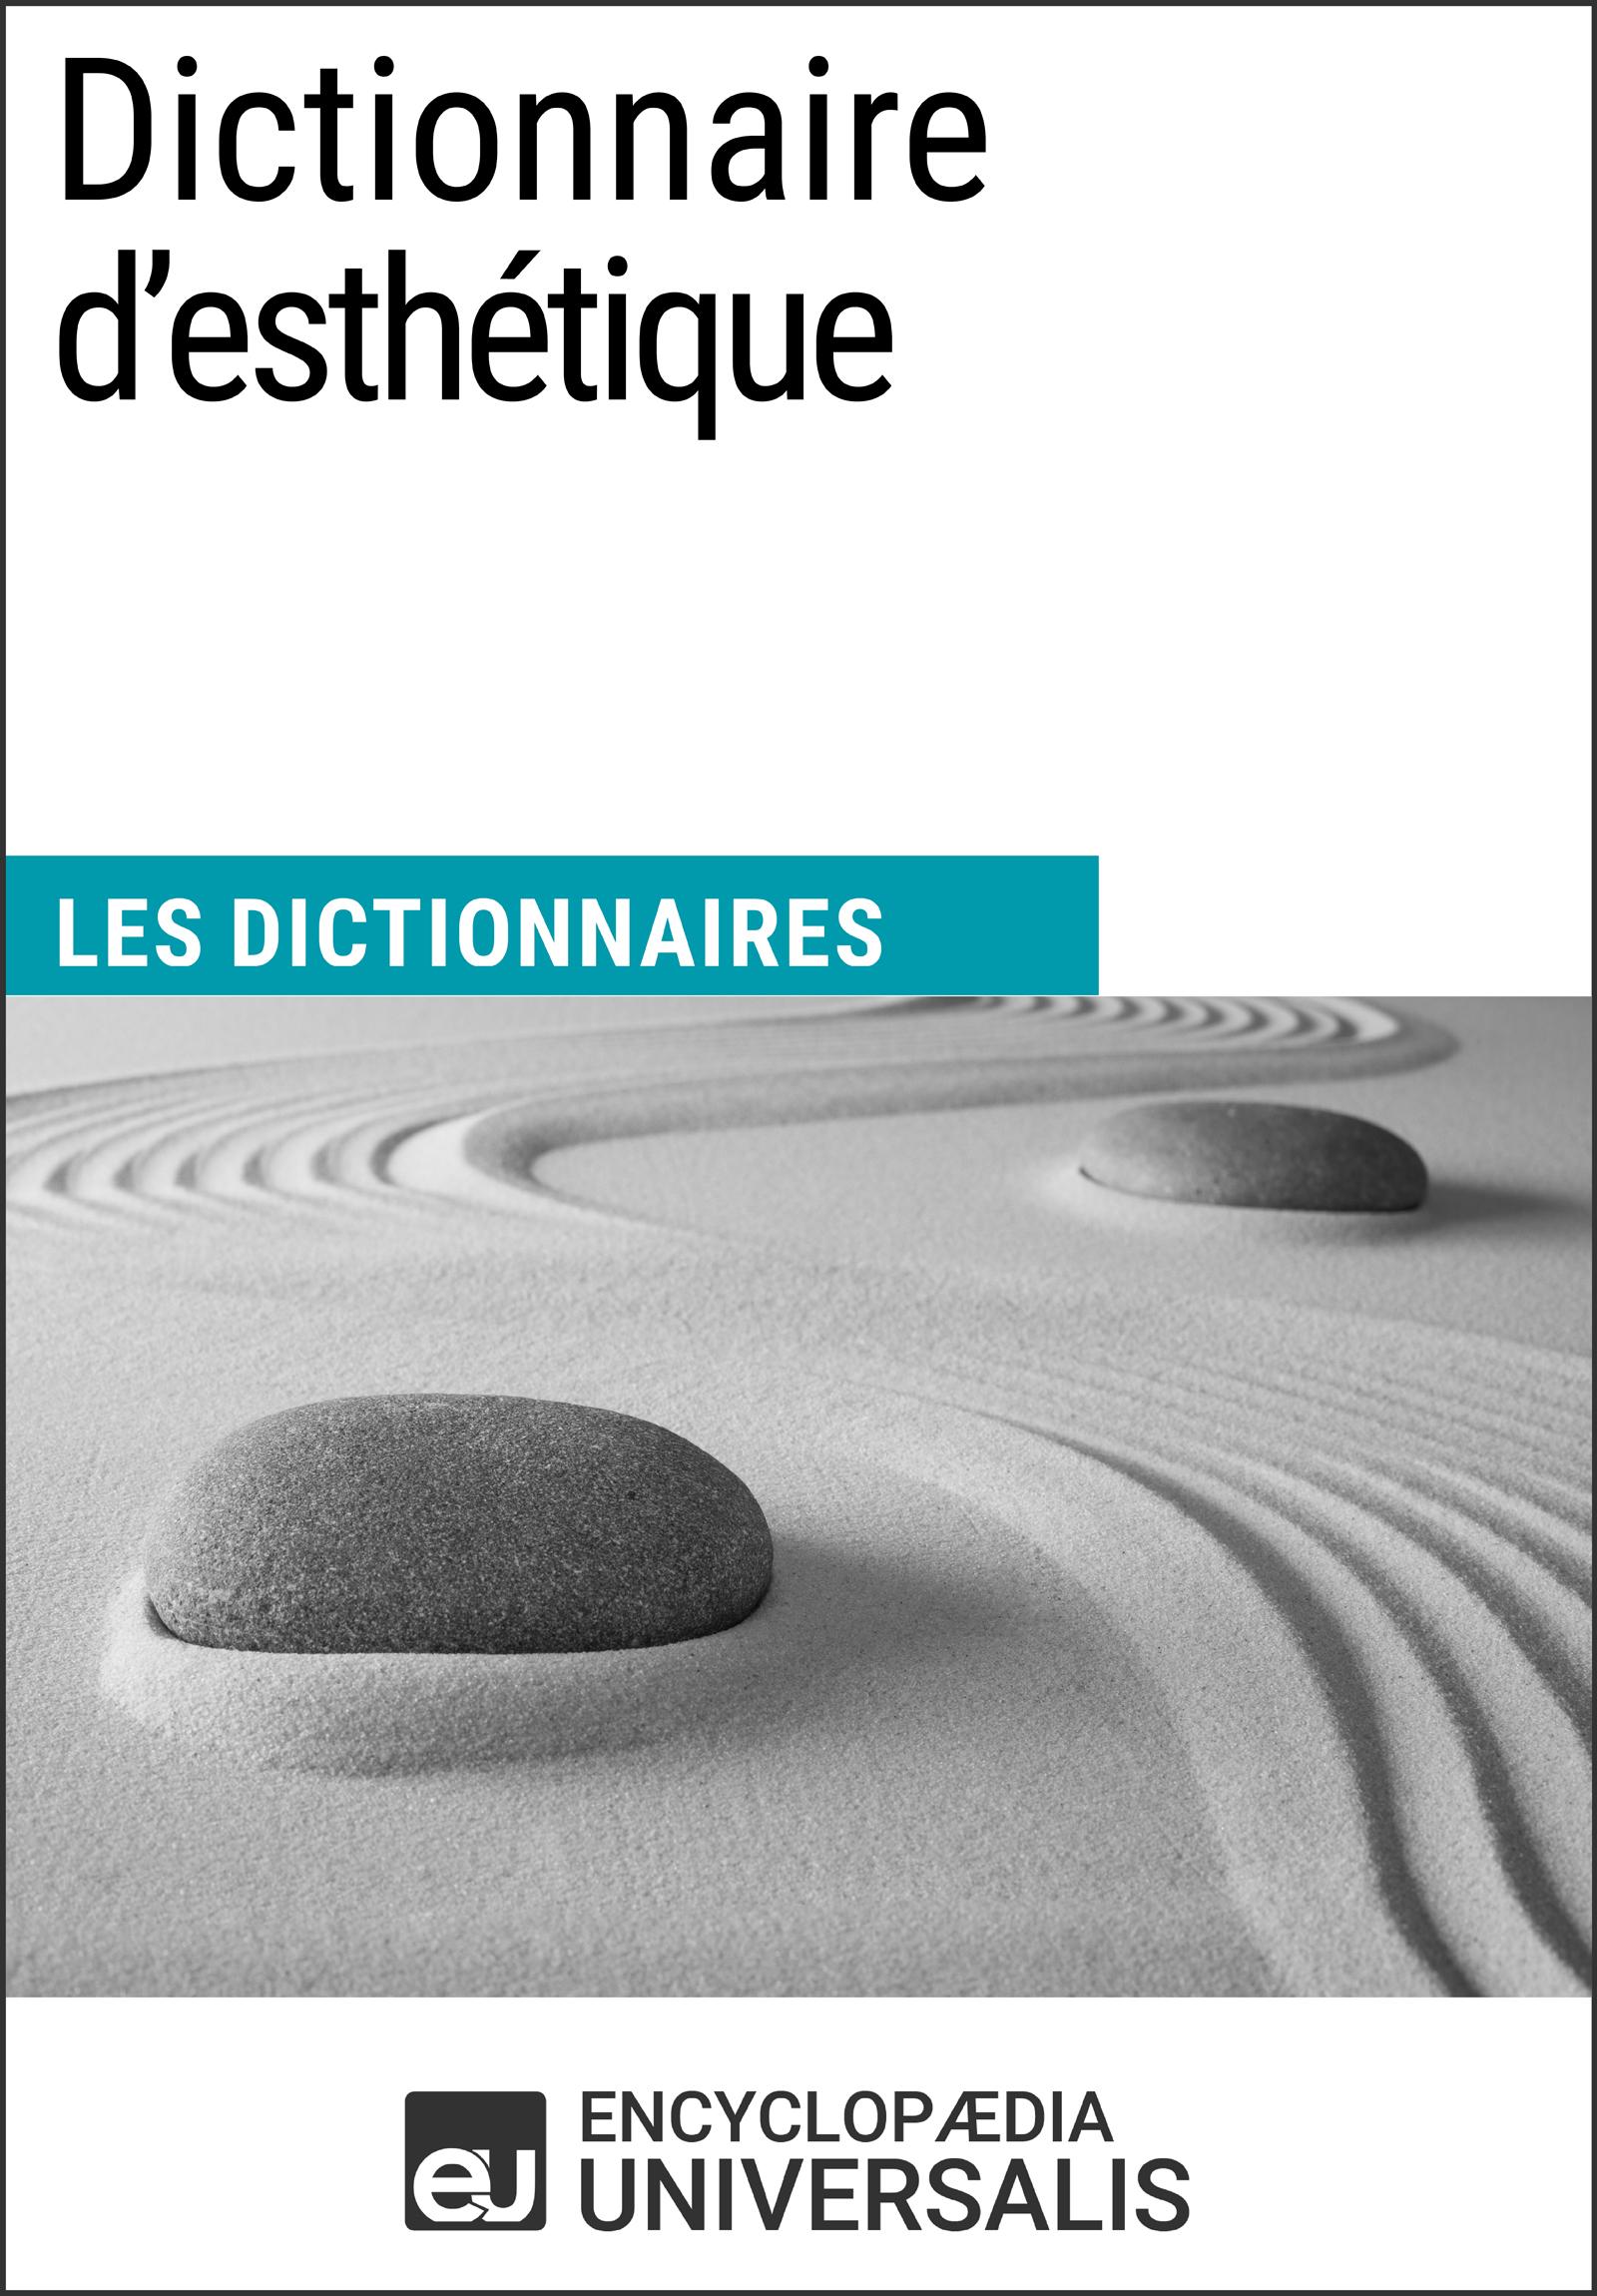 Dictionnaire d'esthétique